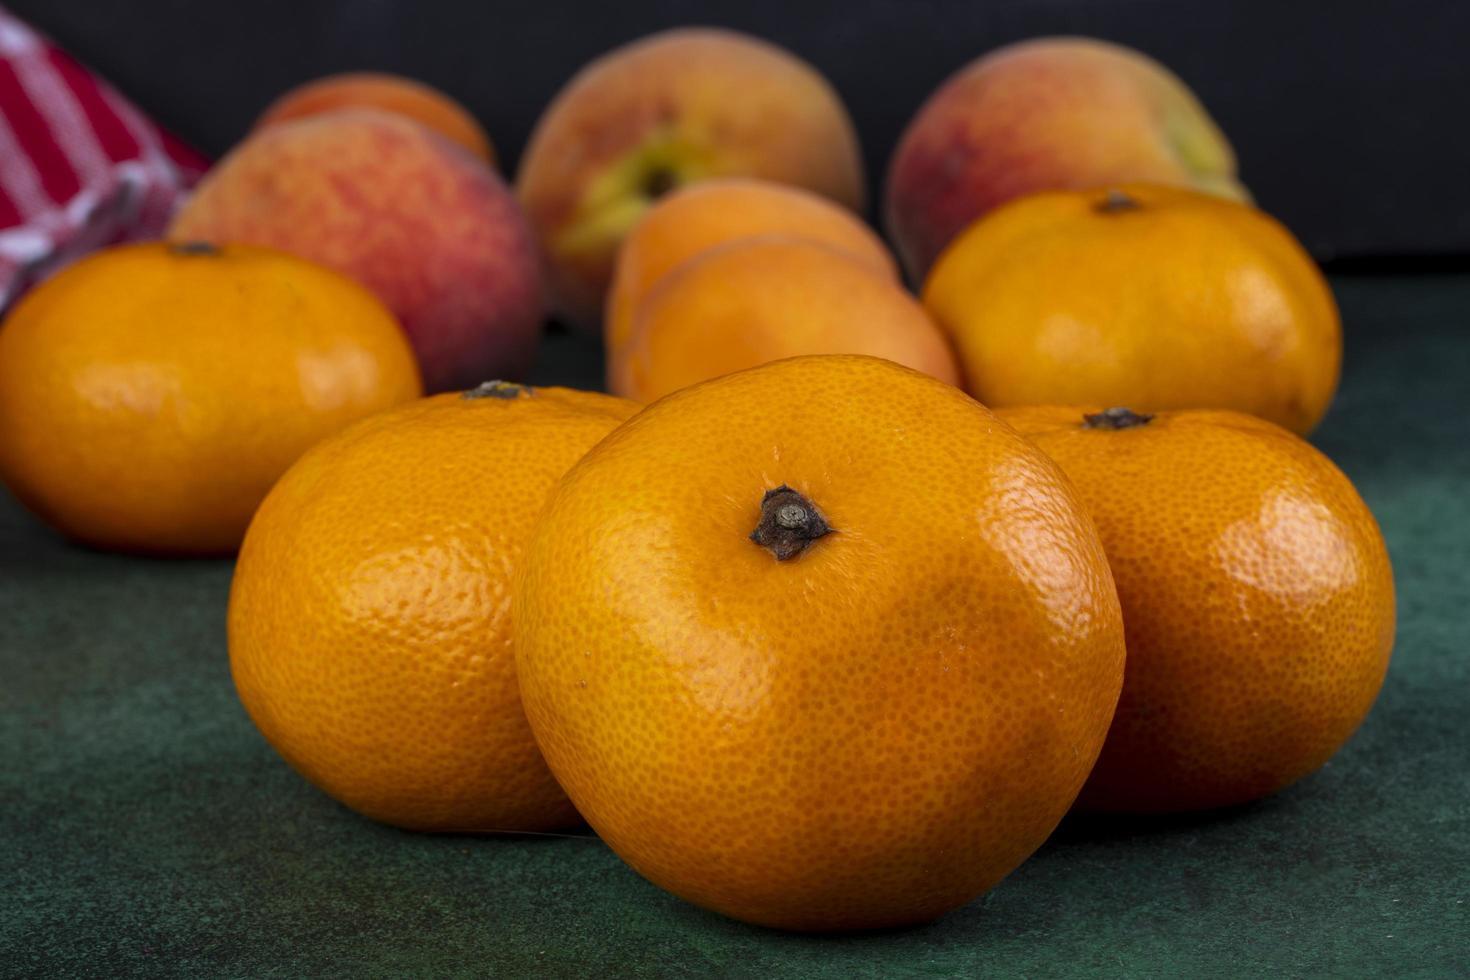 Vorderansicht von Mandarinen mit Pfirsichen auf einem grünen Hintergrund foto